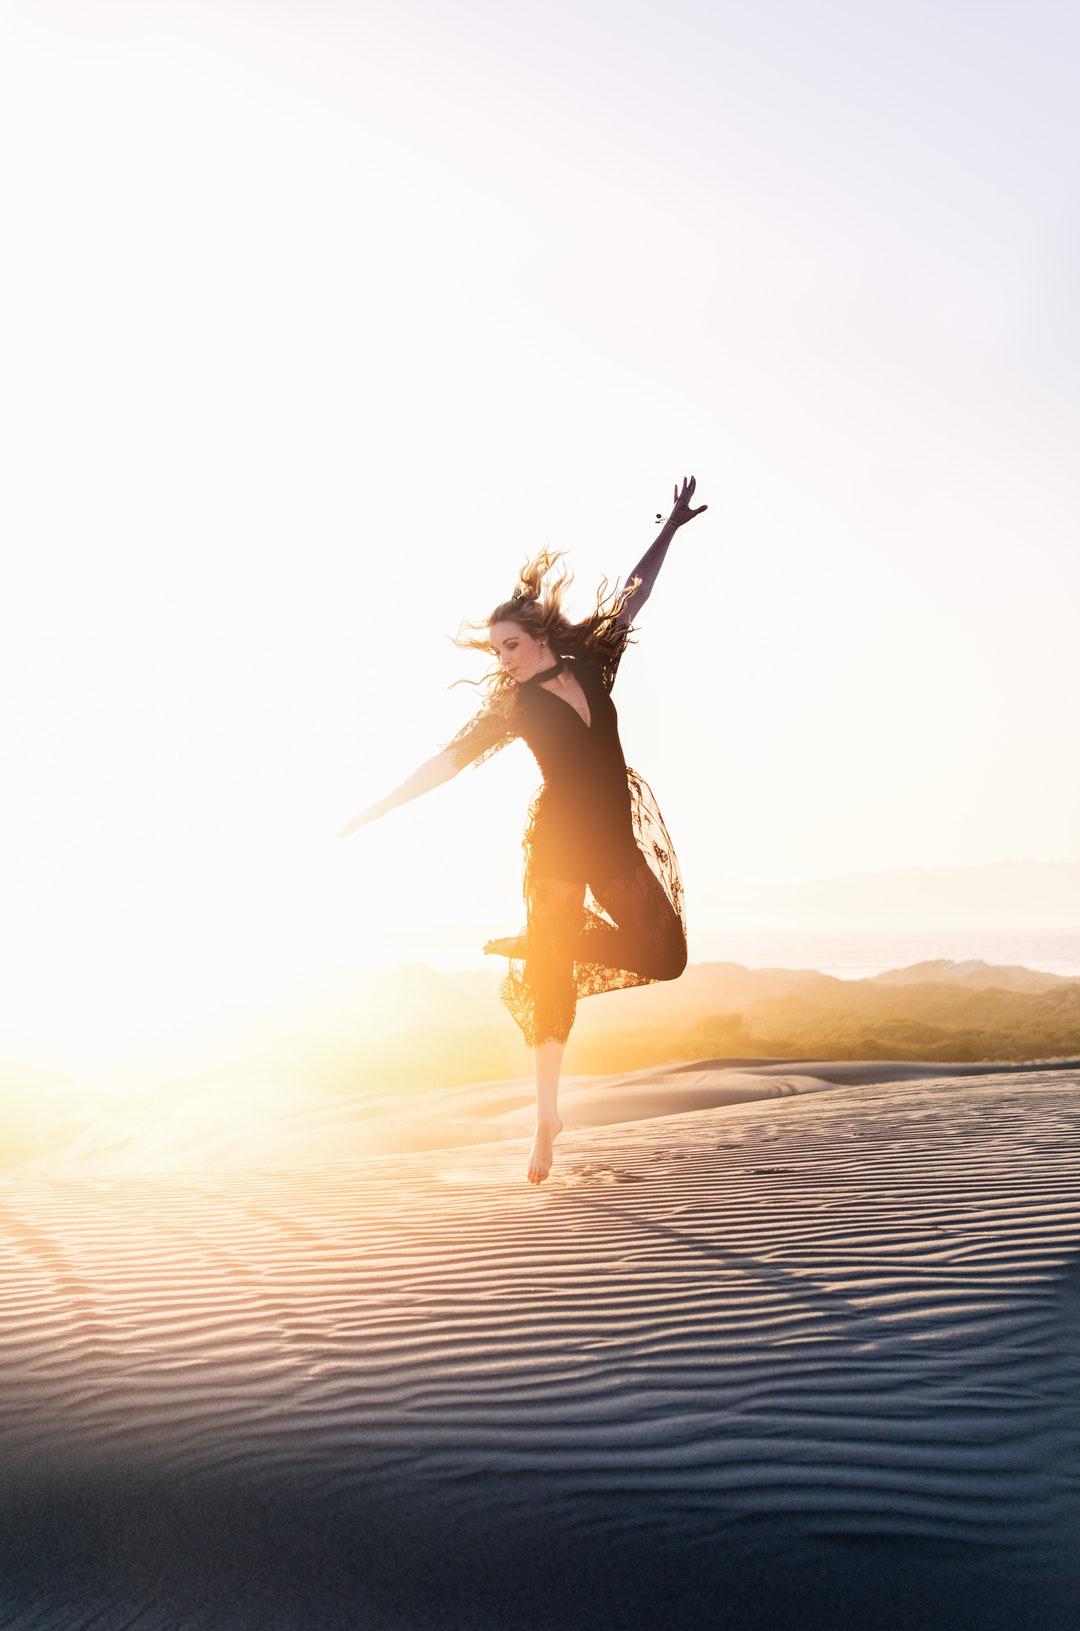 woman walking on desert during sunset